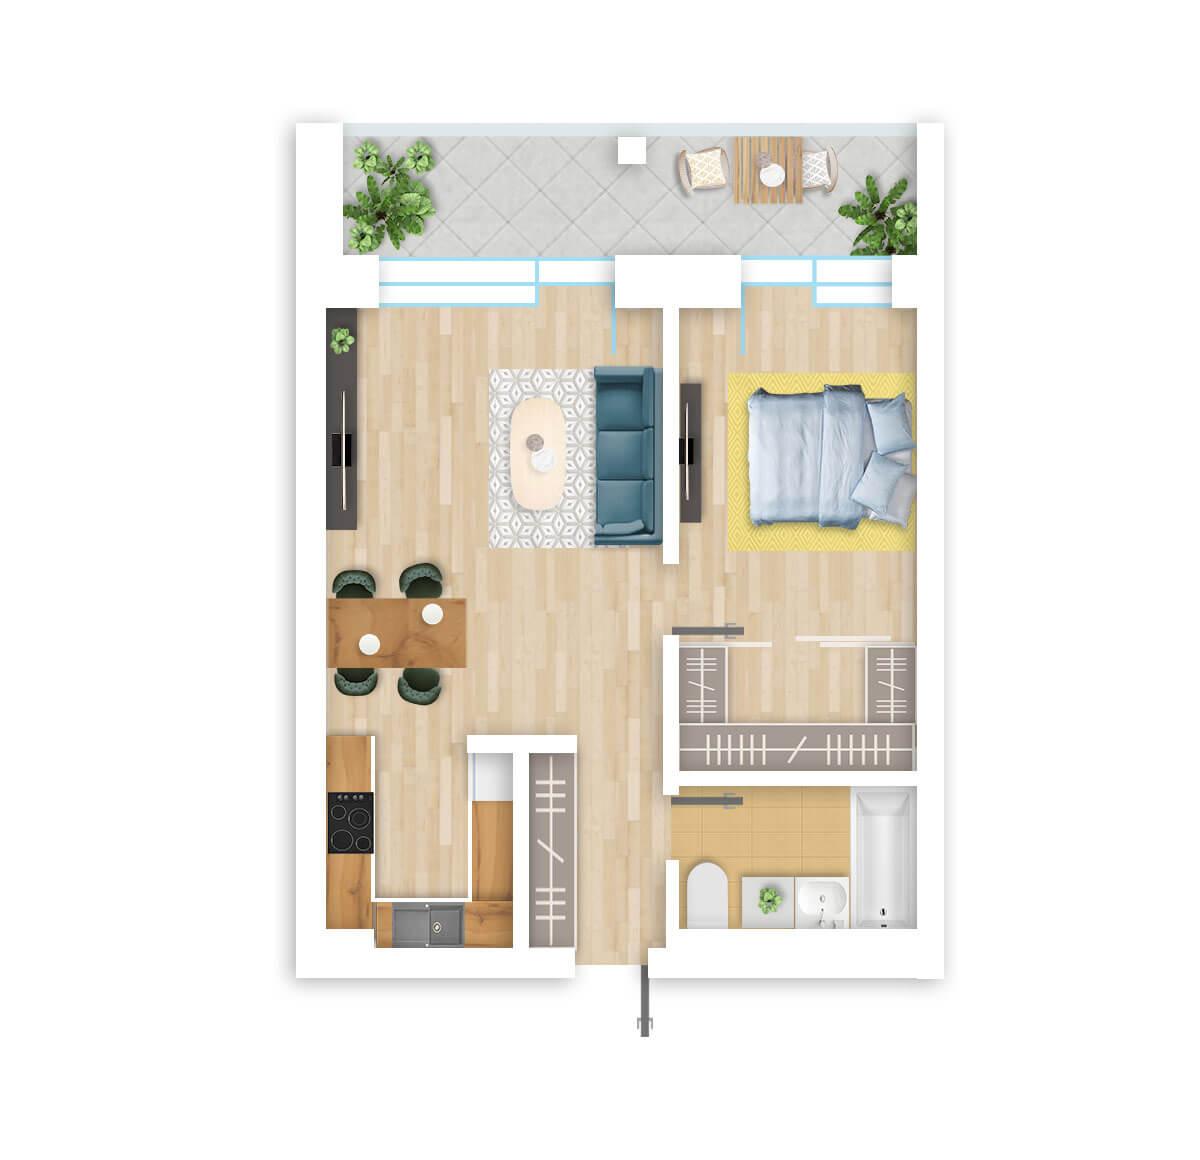 parduodamas butas Lazdynėlių g. 16B - 4 Vilniuje, buto 3D vaizdas